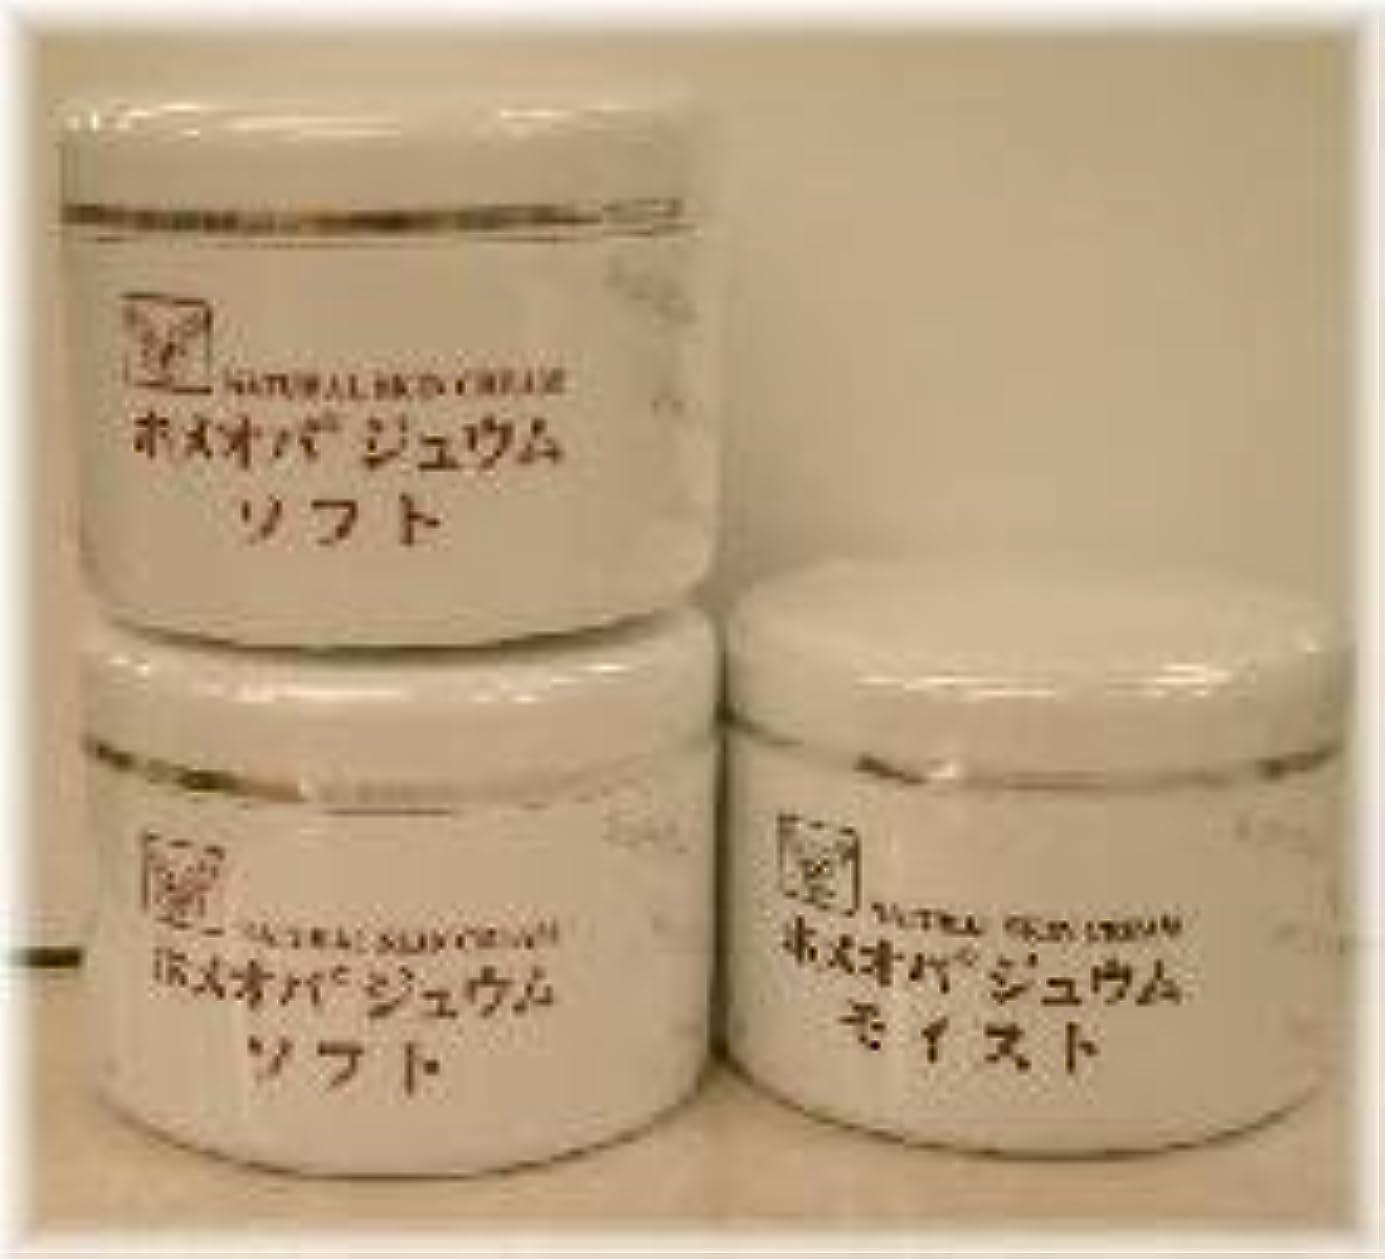 シーン保守的スキッパーホメオパジュウム スキンケア商品3点 ¥10500クリームソフト2個+クリームモイスト